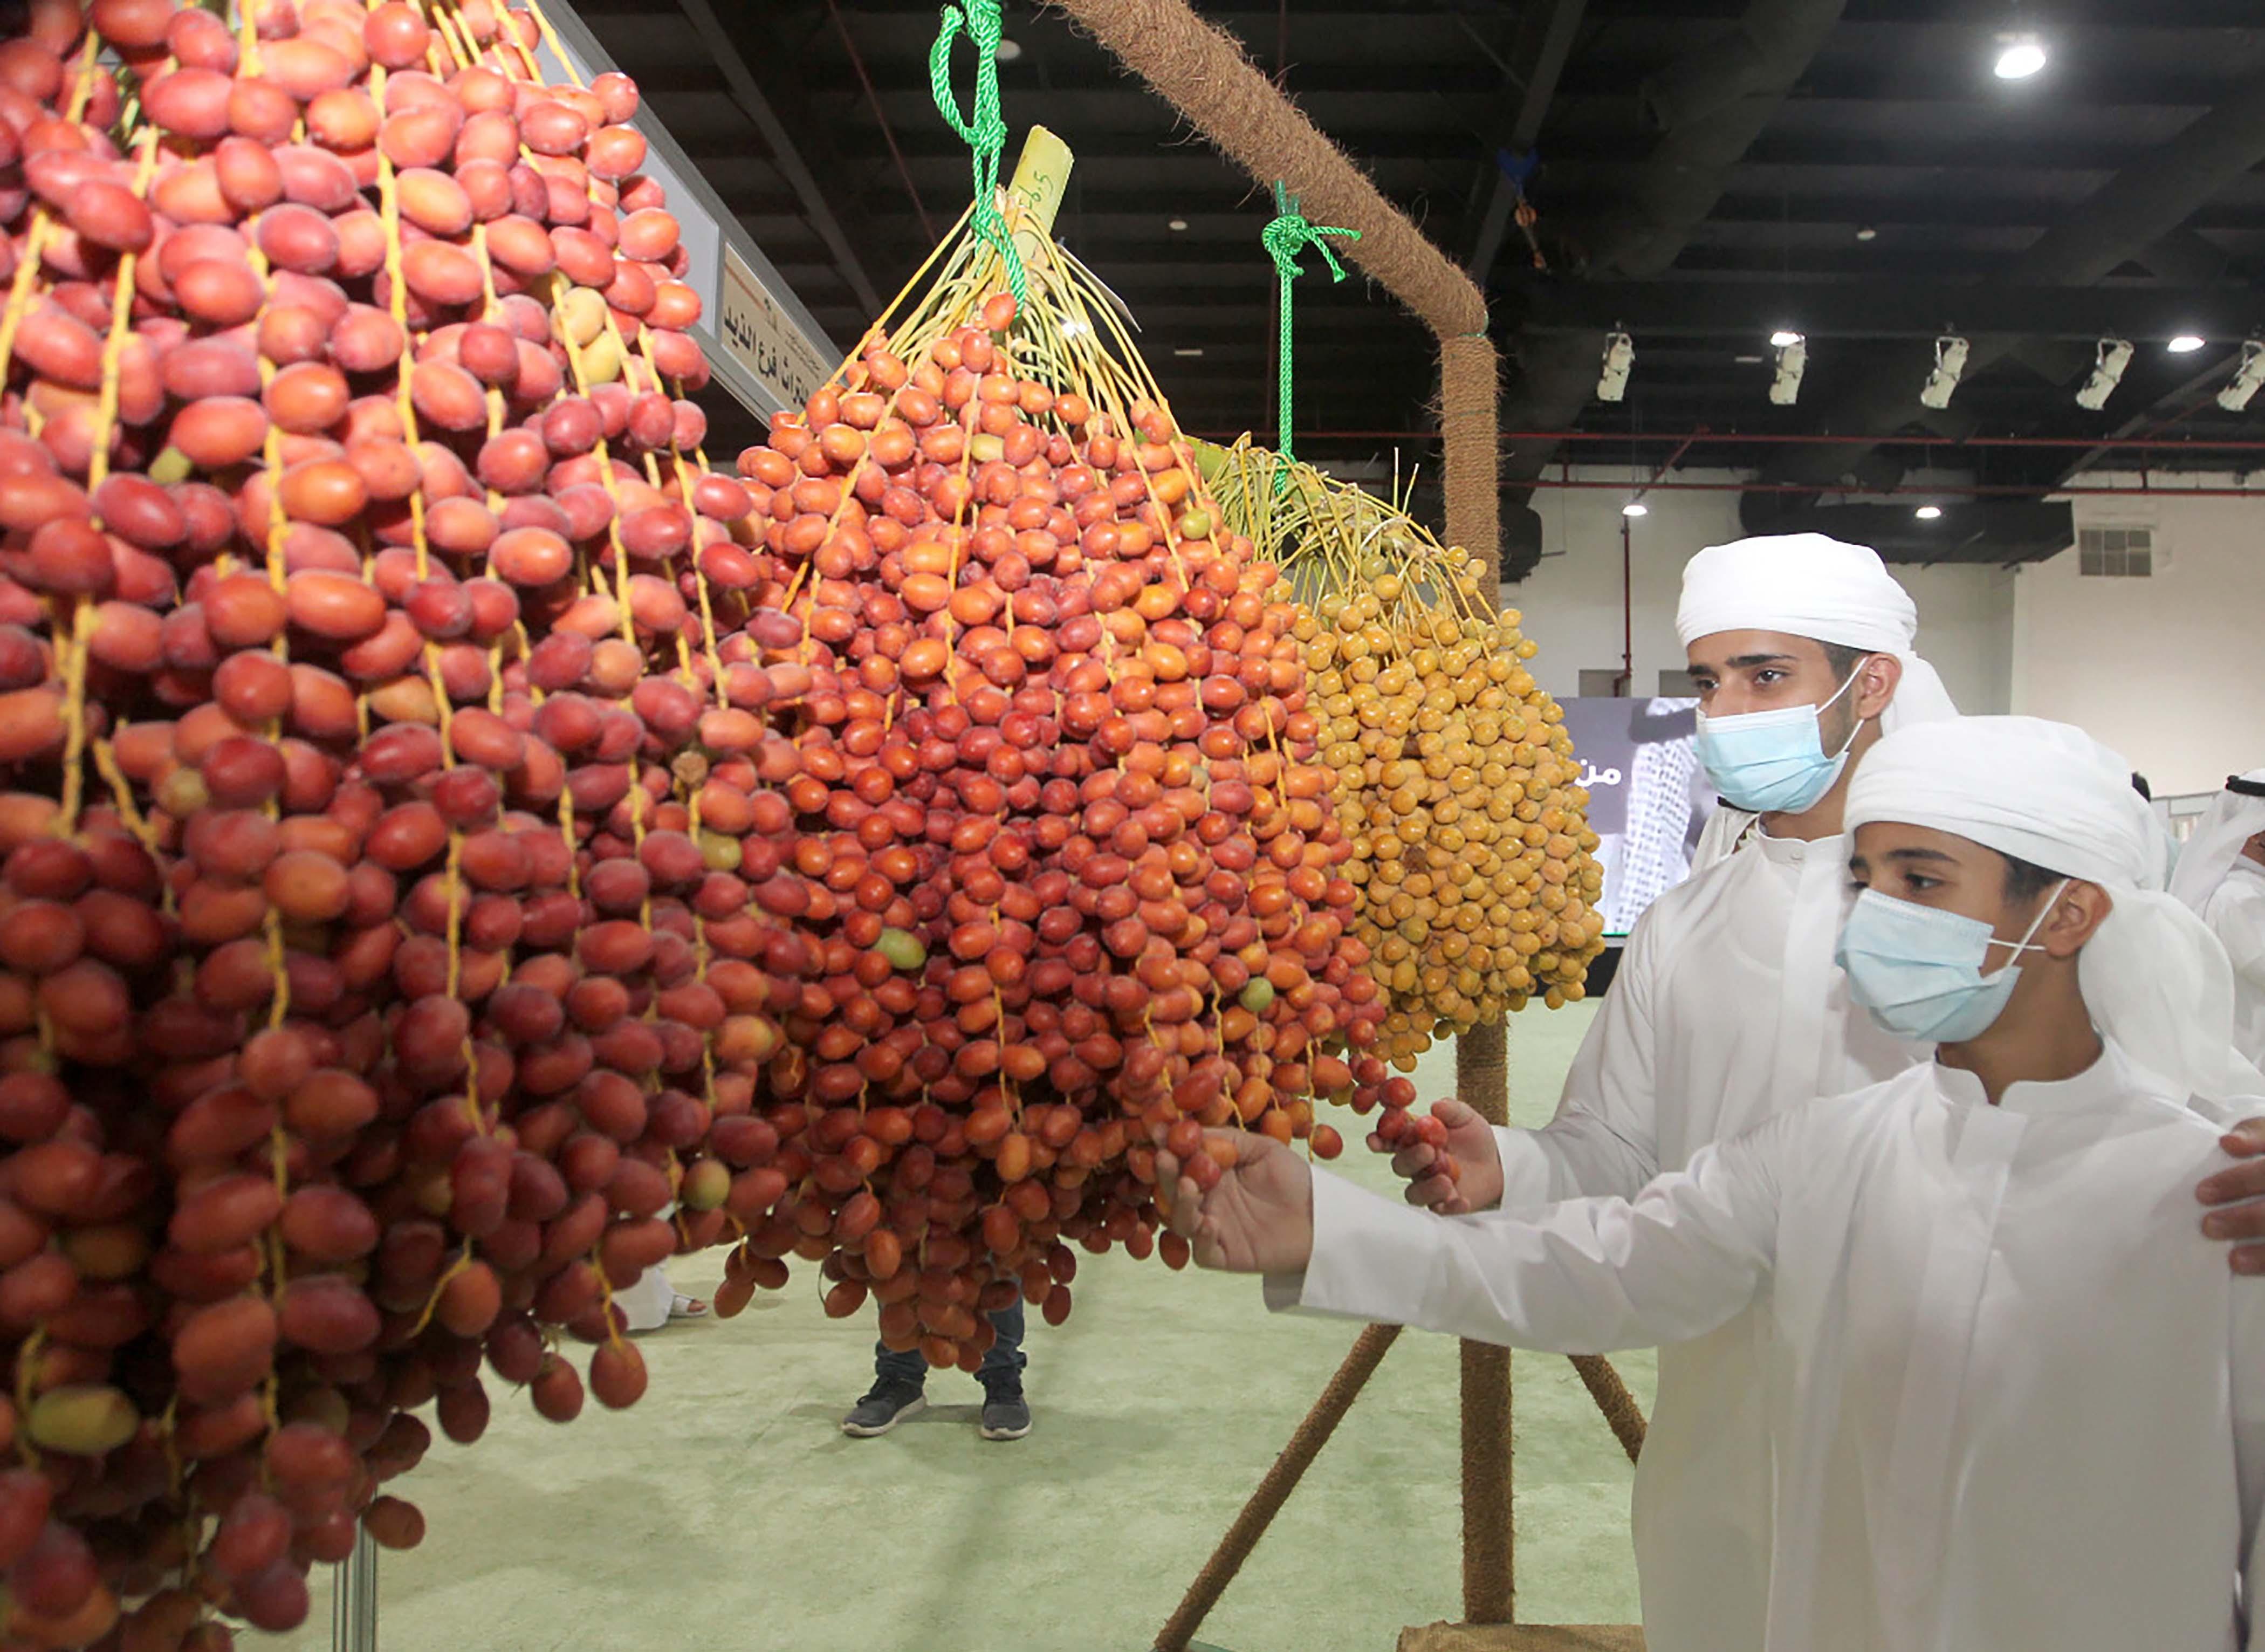 مسابقات مهرجان الذيد للرطب تشهد إقبالا كبيرا من المزارعين وملّاك النخيل